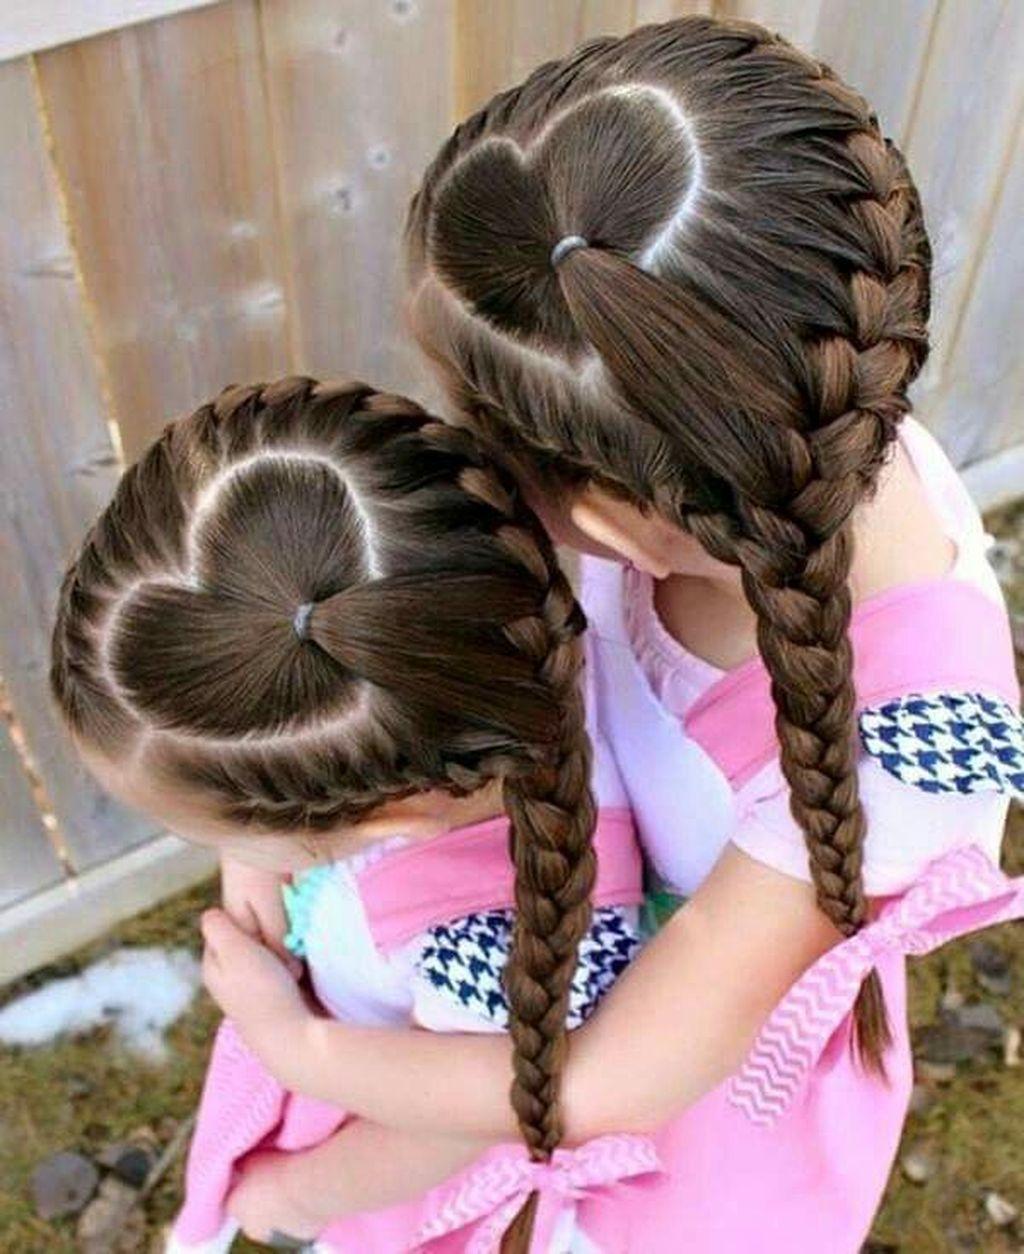 Kiểu kết tóc tạo hình trái tim đẹp cho bé